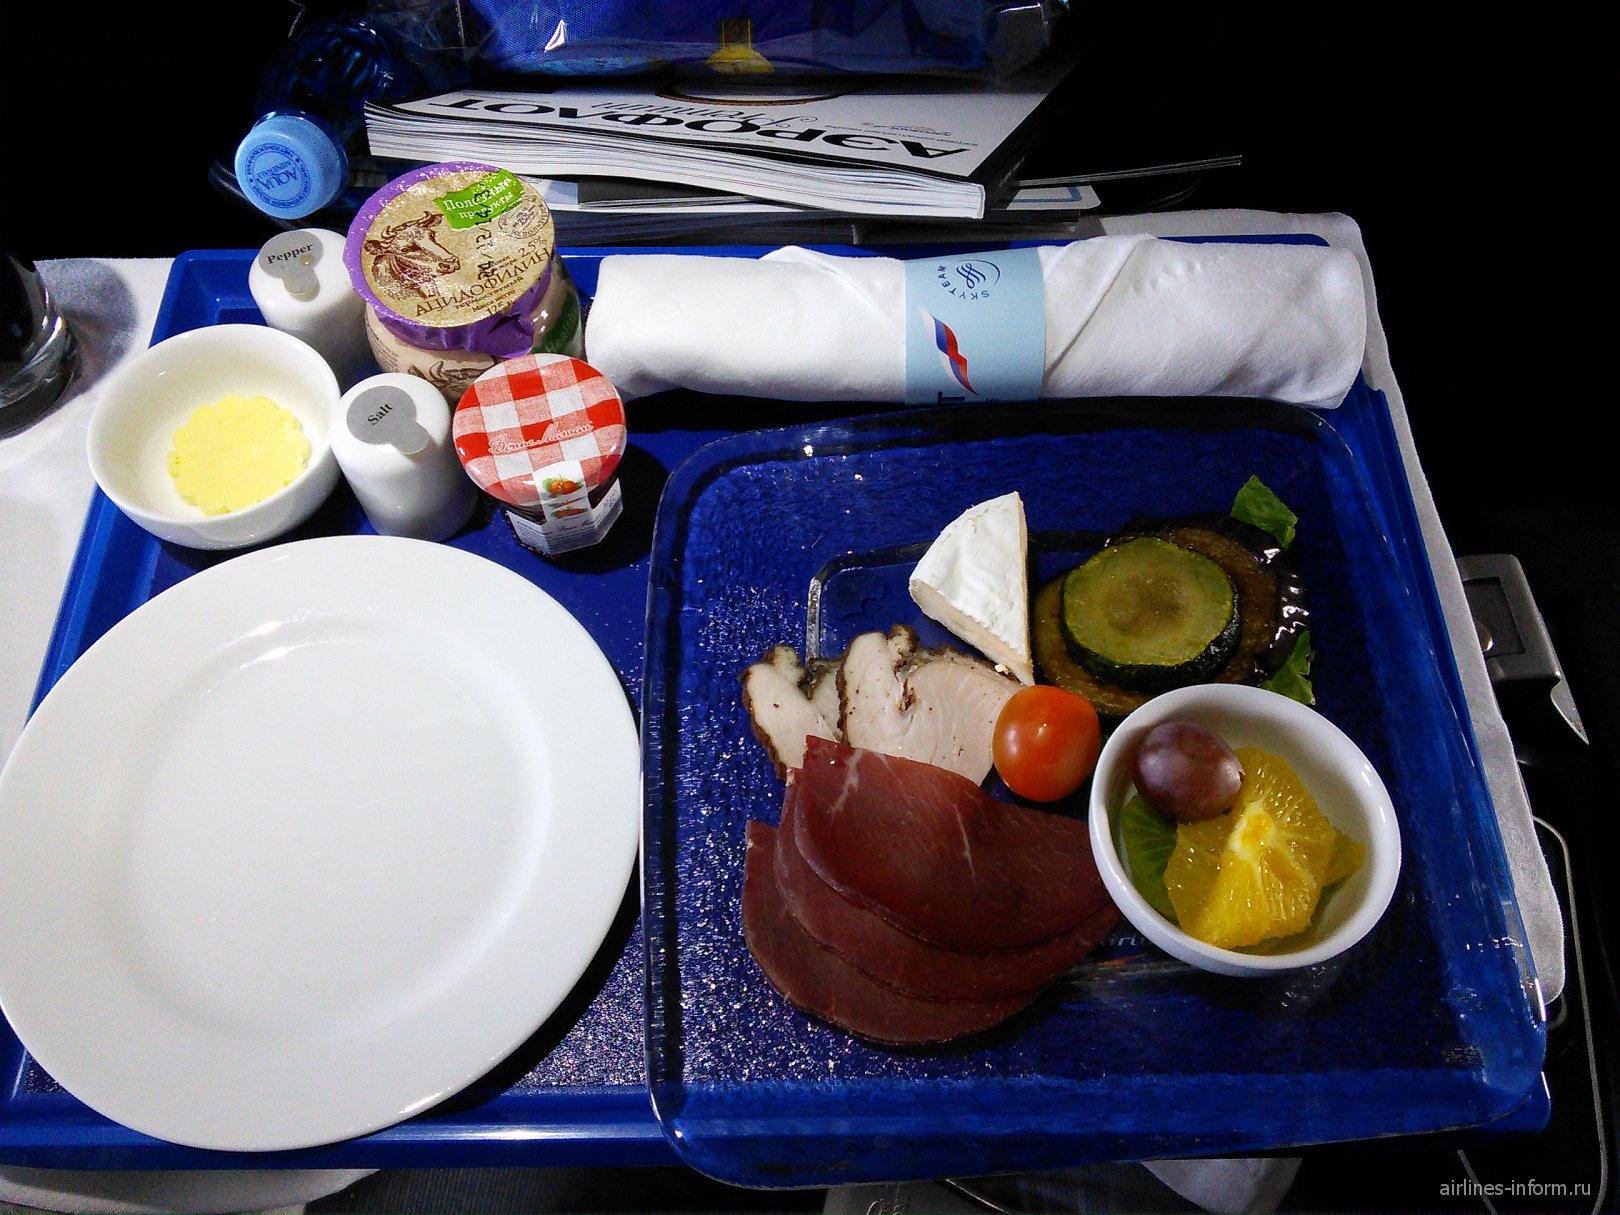 Холодные закуски в бизнес-классе Аэрофлота на рейсе Москва-Новосибирск